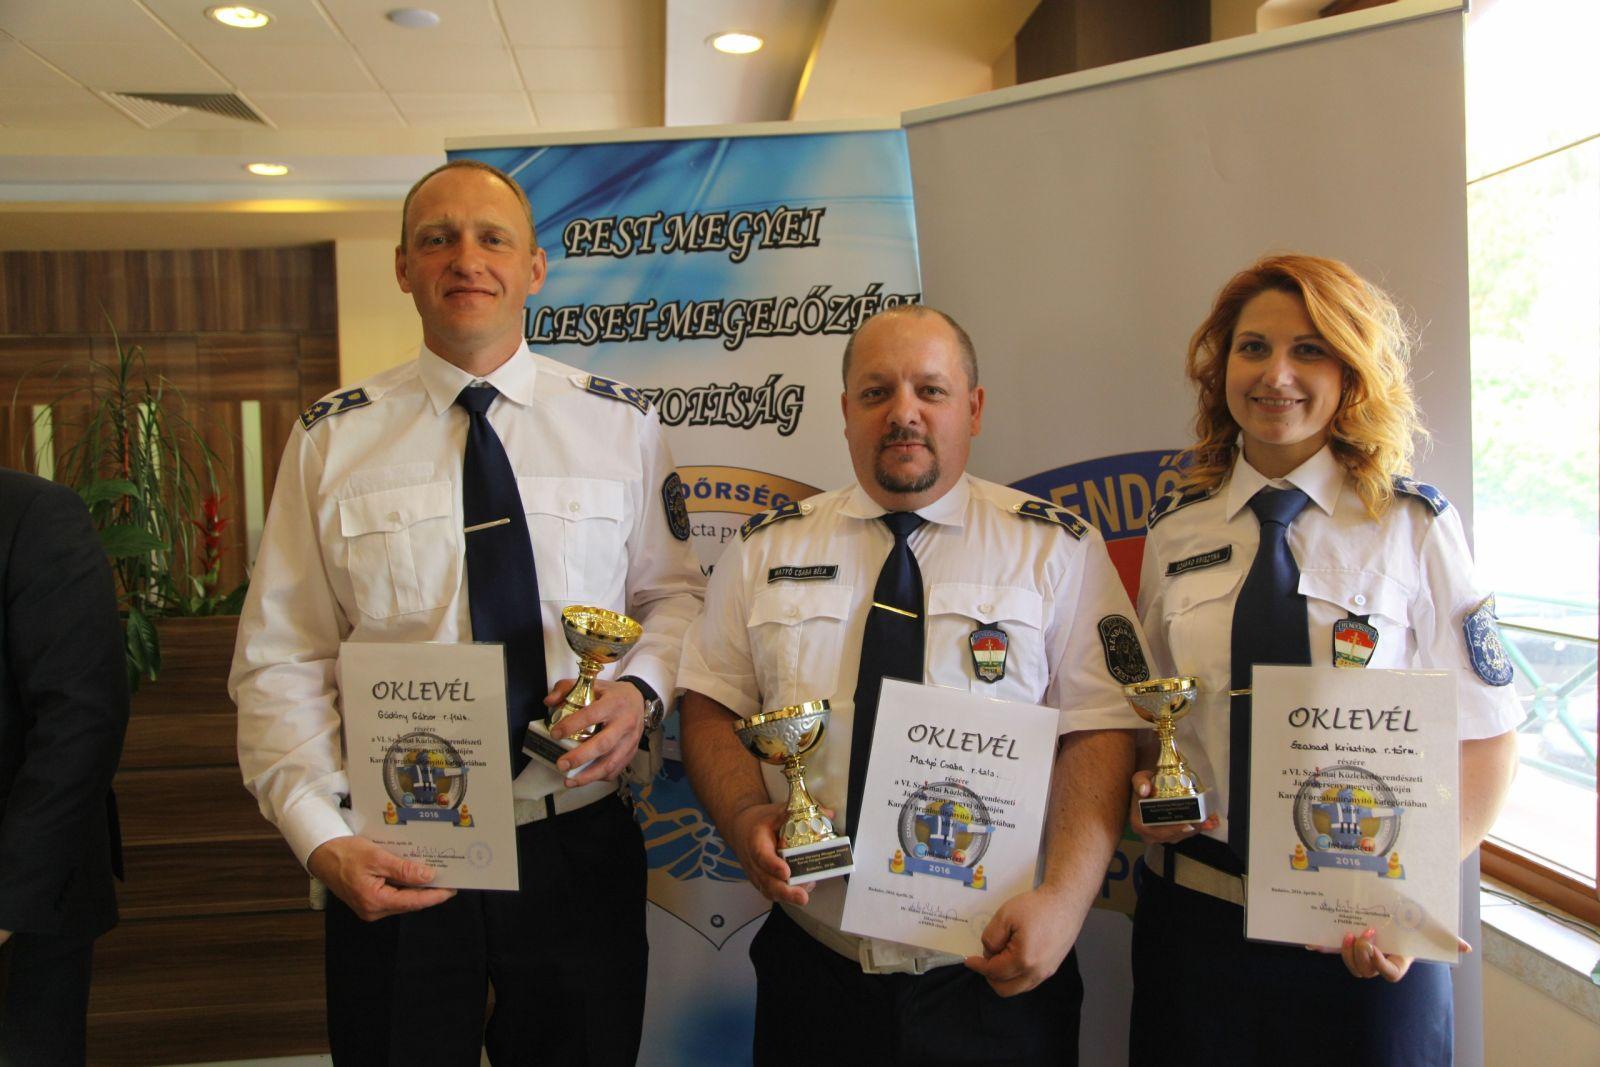 Sikeres hét a Monori Rendőrkapitányság életében: karos forgalomirányító verseny győzelem és sikeres pályázati munka